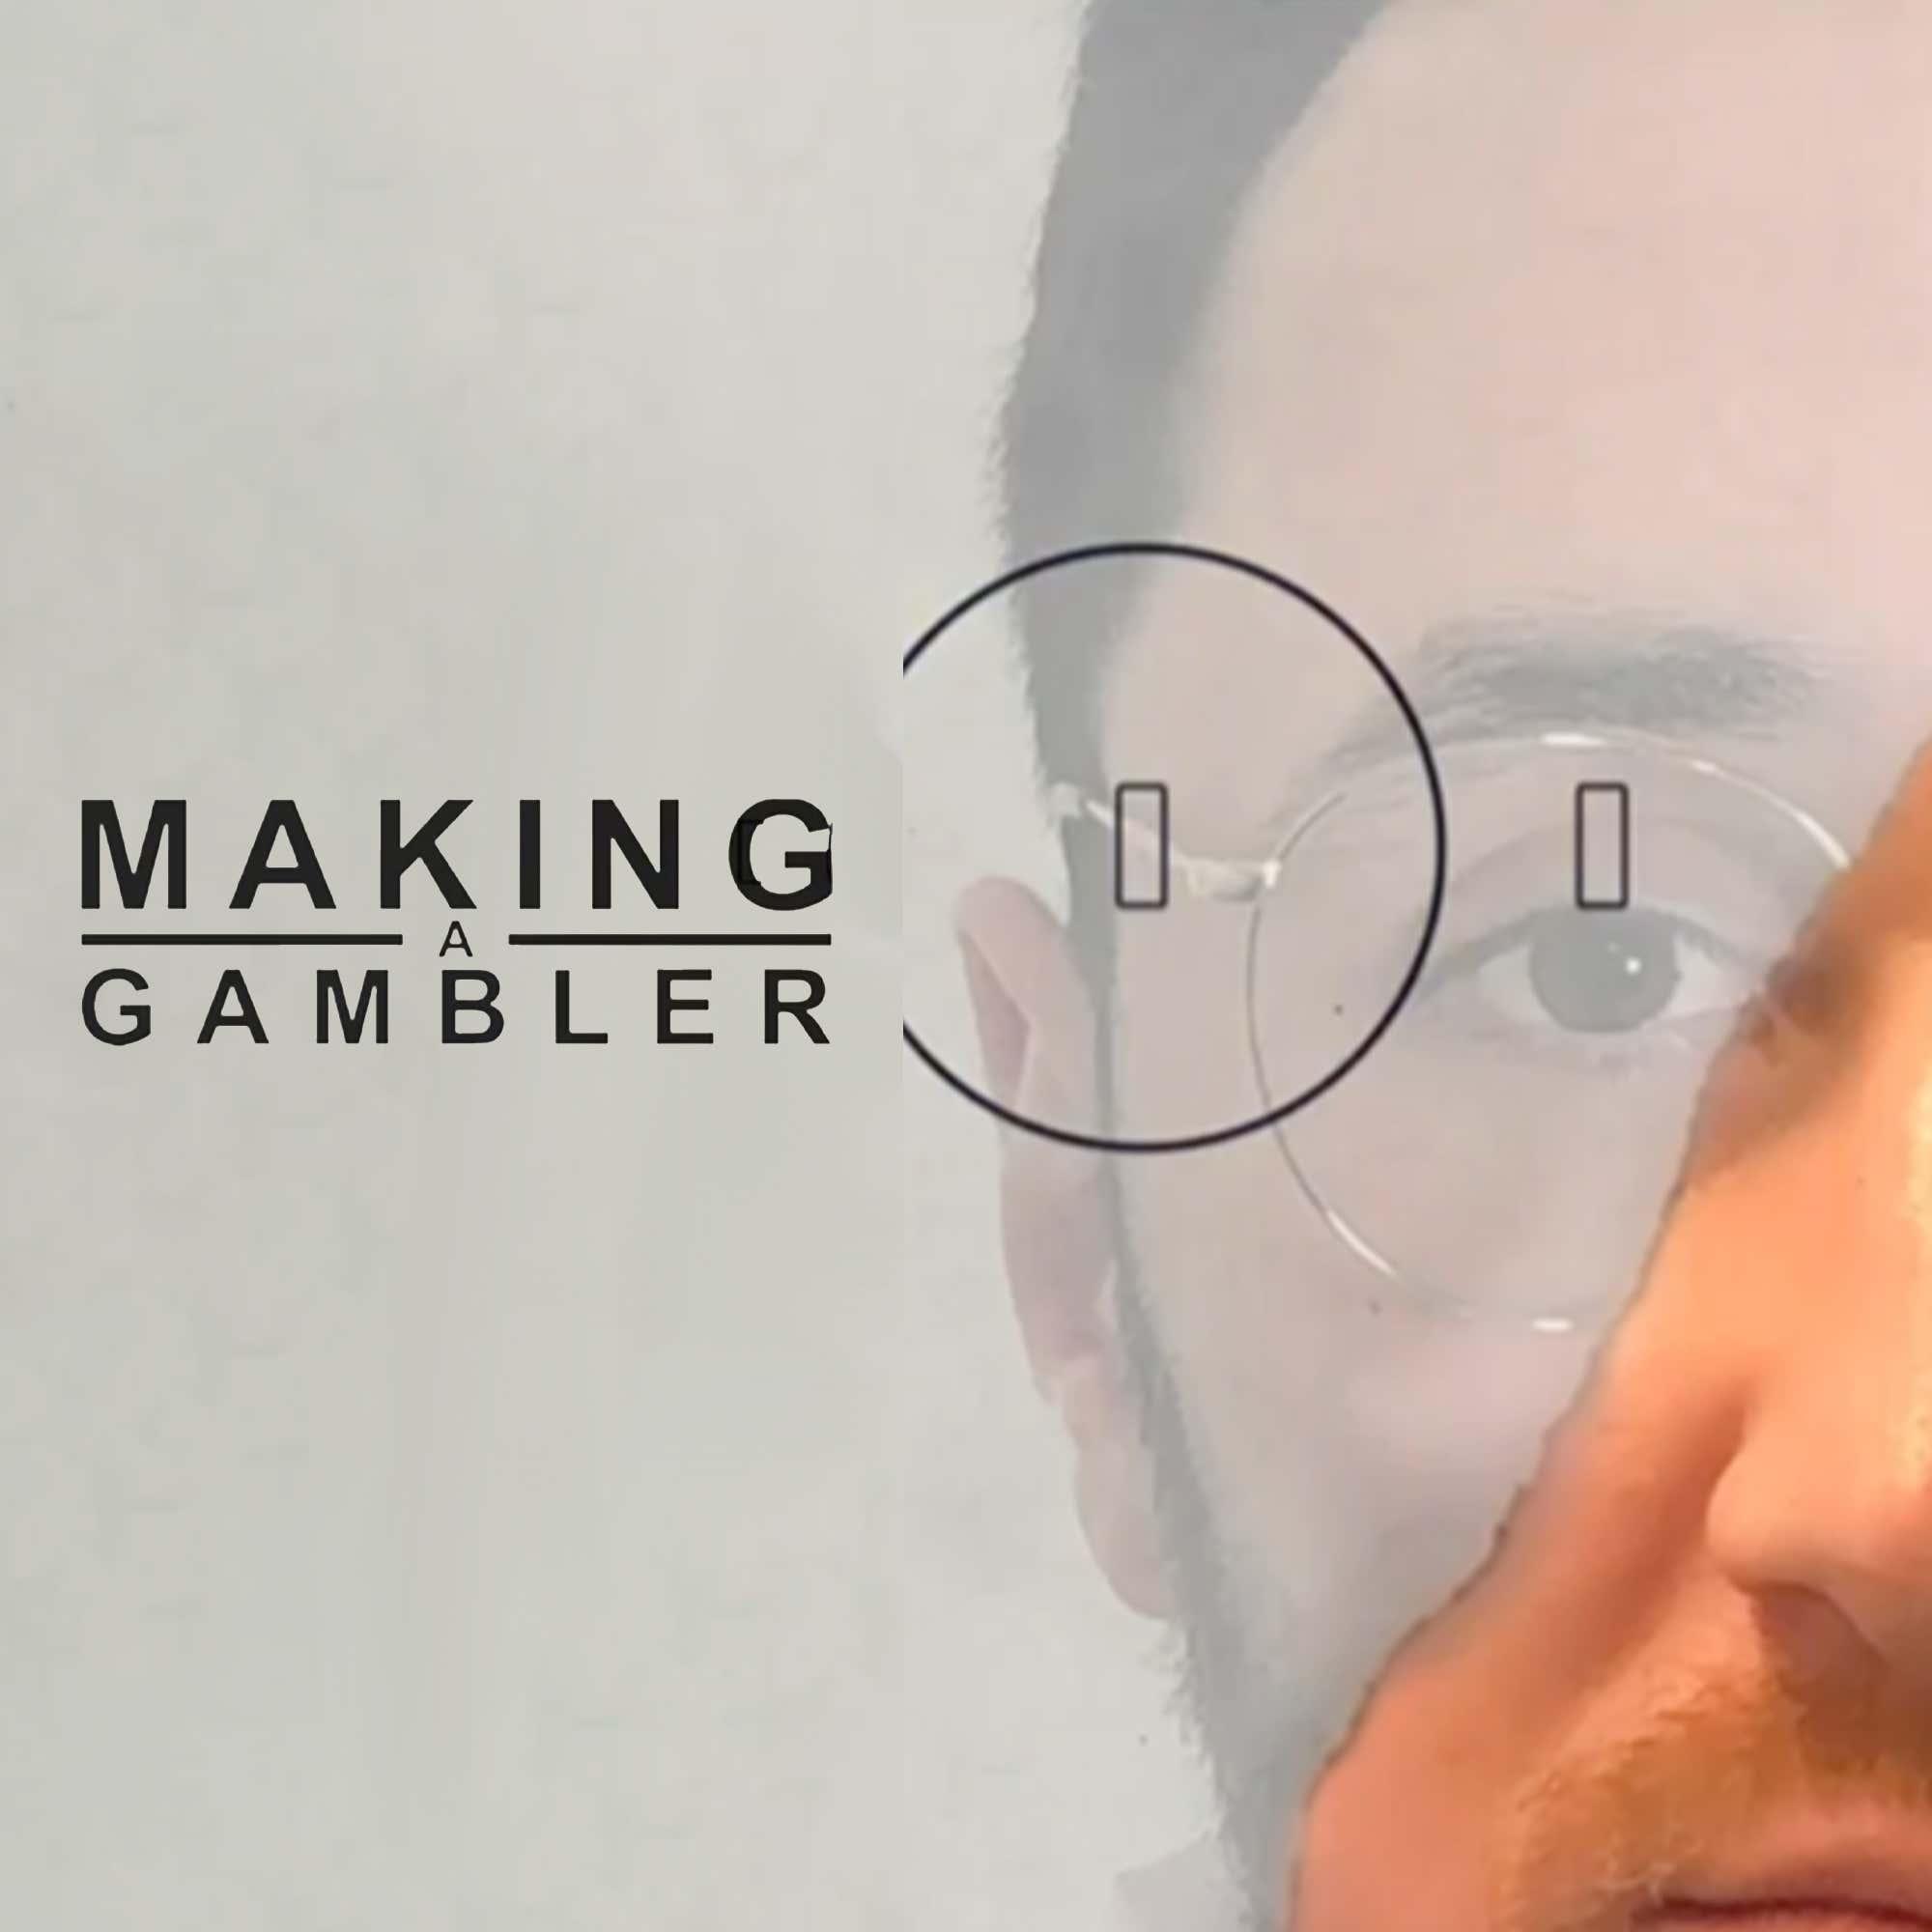 Making a Gambler